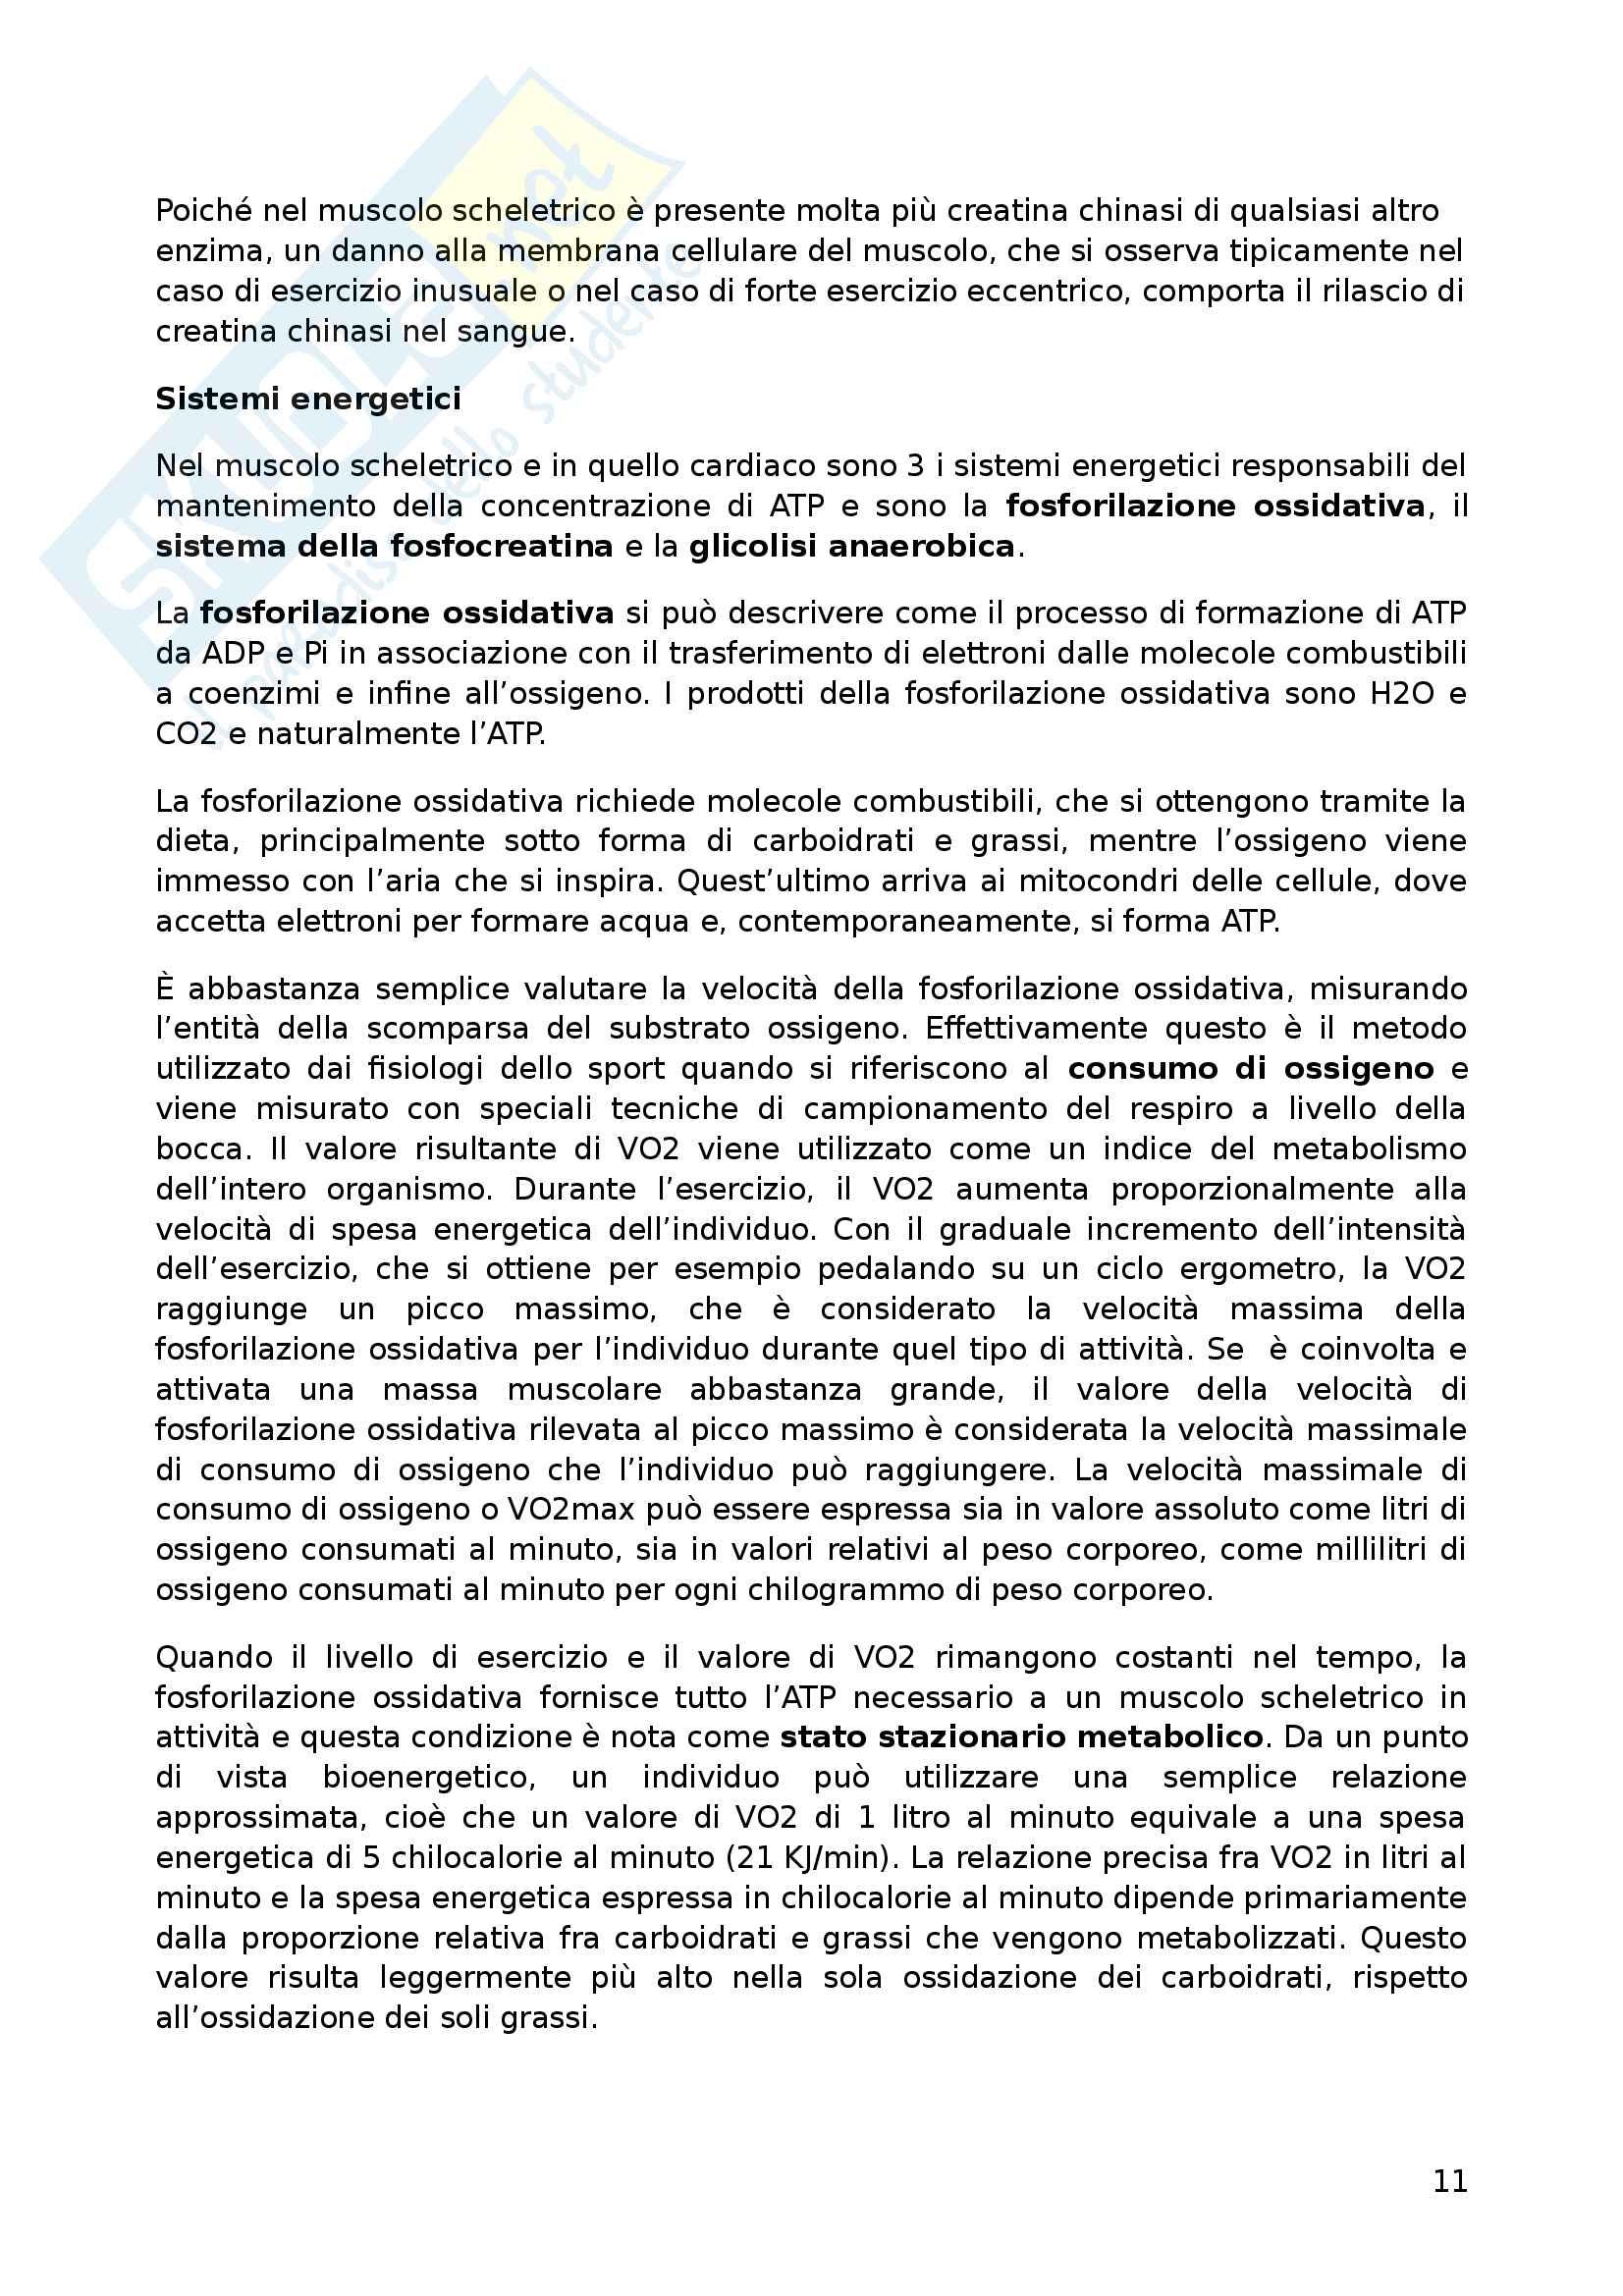 Riassunto esame Biochimica dell'esercizio fisico, prof Piccoli Pag. 11